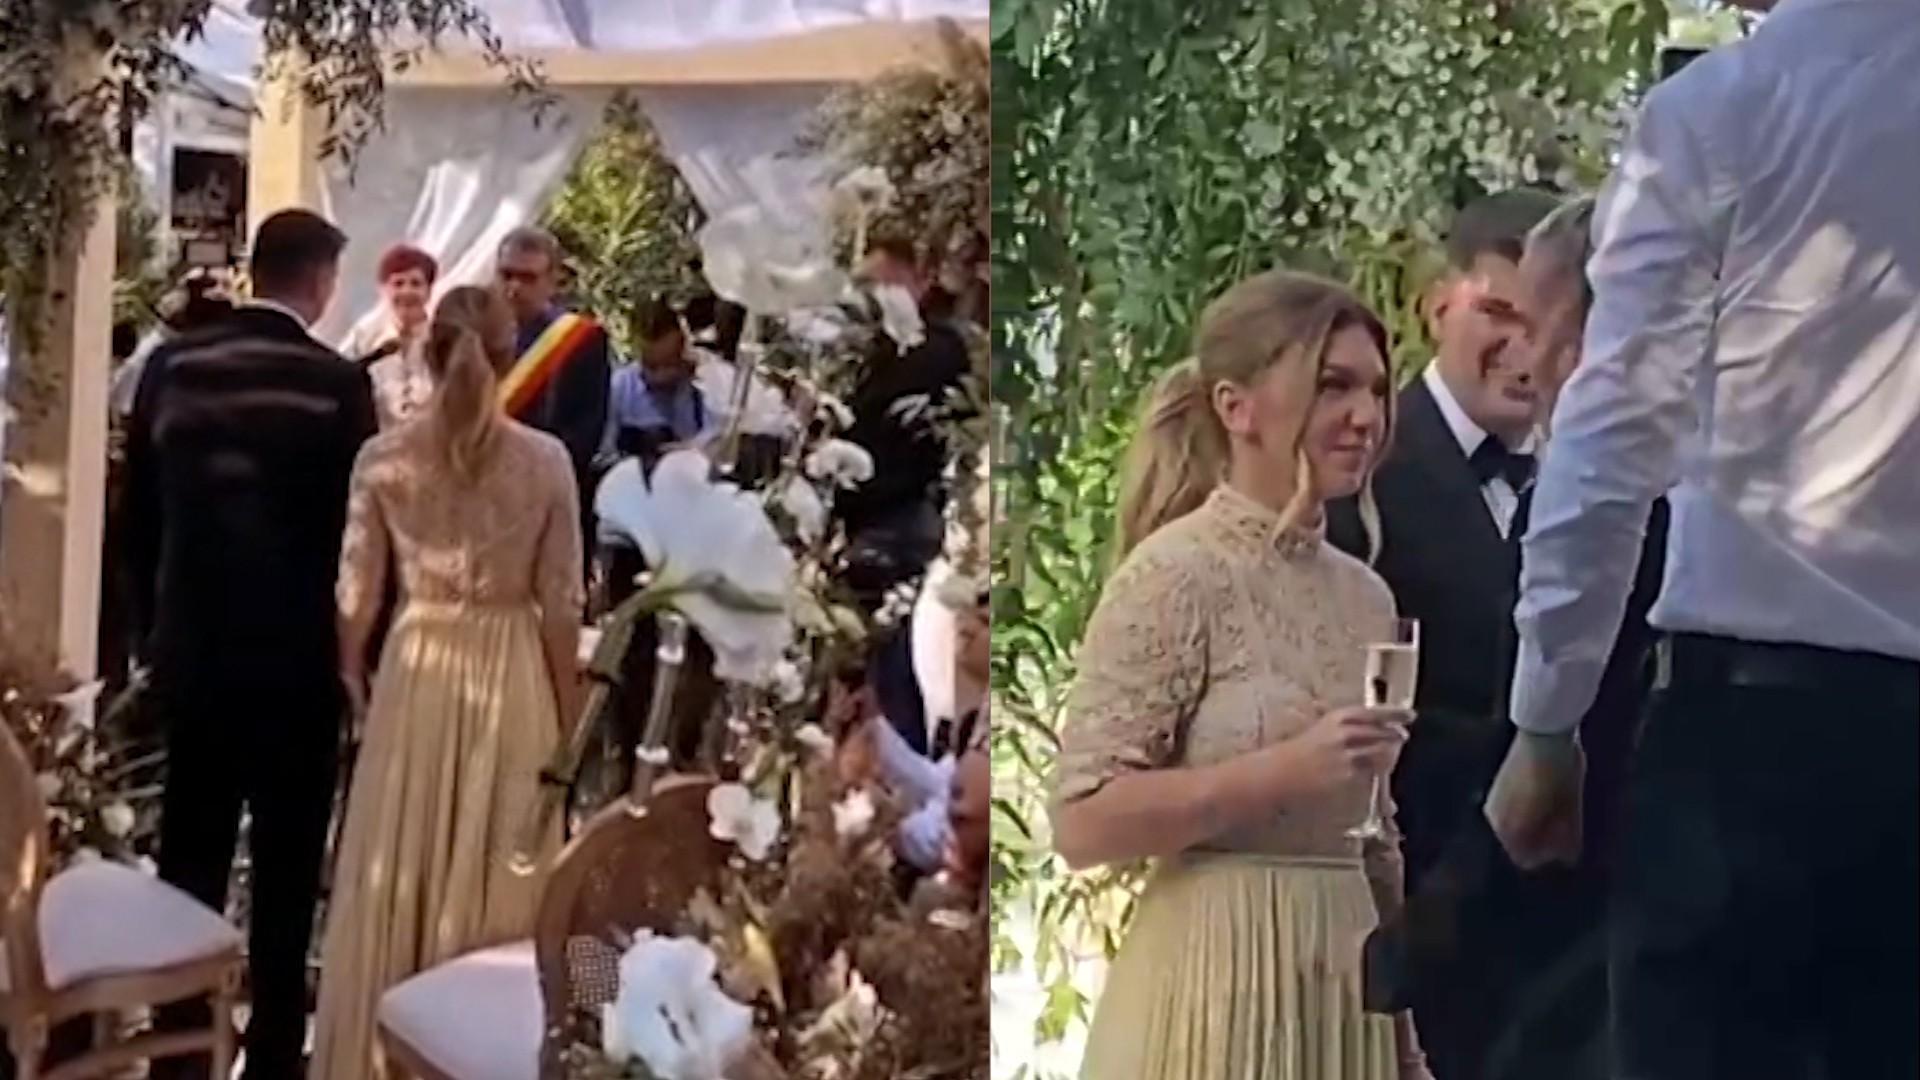 """Nuntă cu ştaif, dar fără """"bani în plic"""". Simona Halep şi Toni Iuruc au vrut ca invitaţii să aducă doar flori şi cadouri simbolice"""